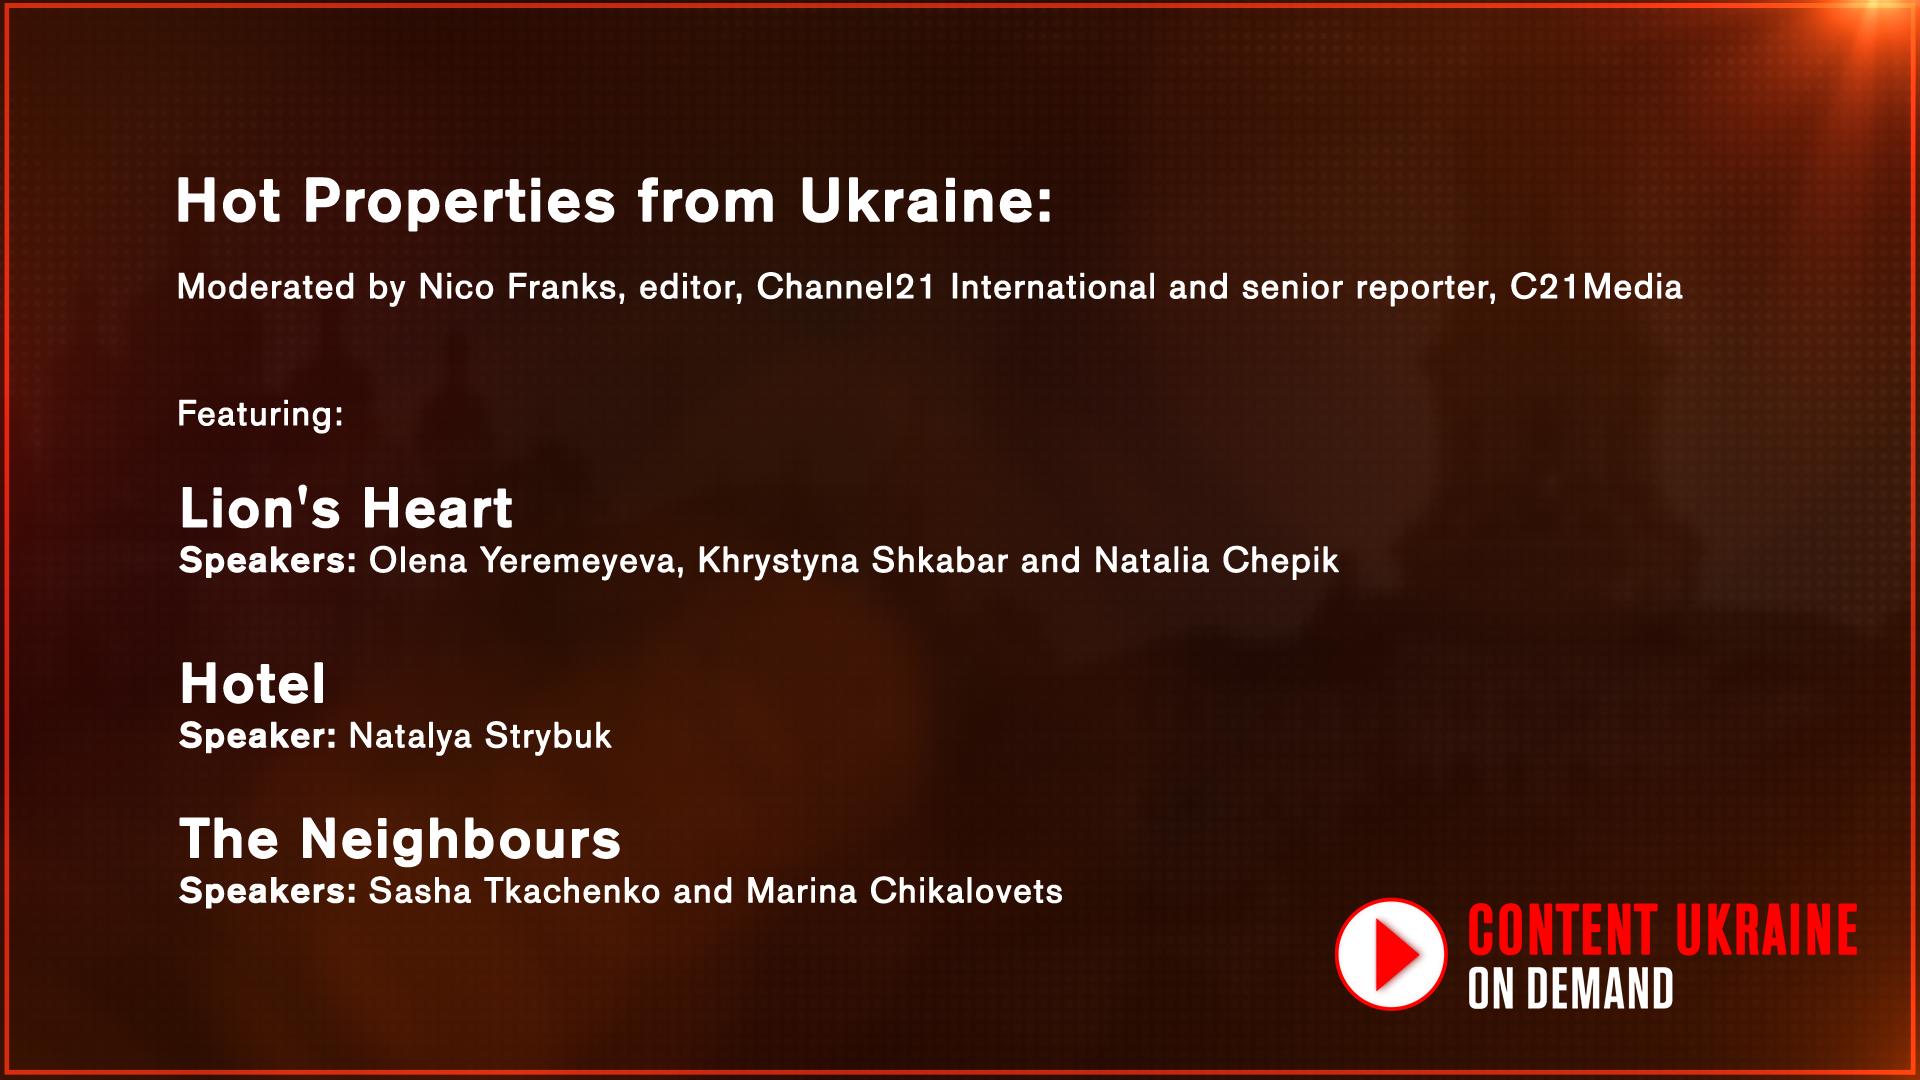 Hot Properties from Ukraine